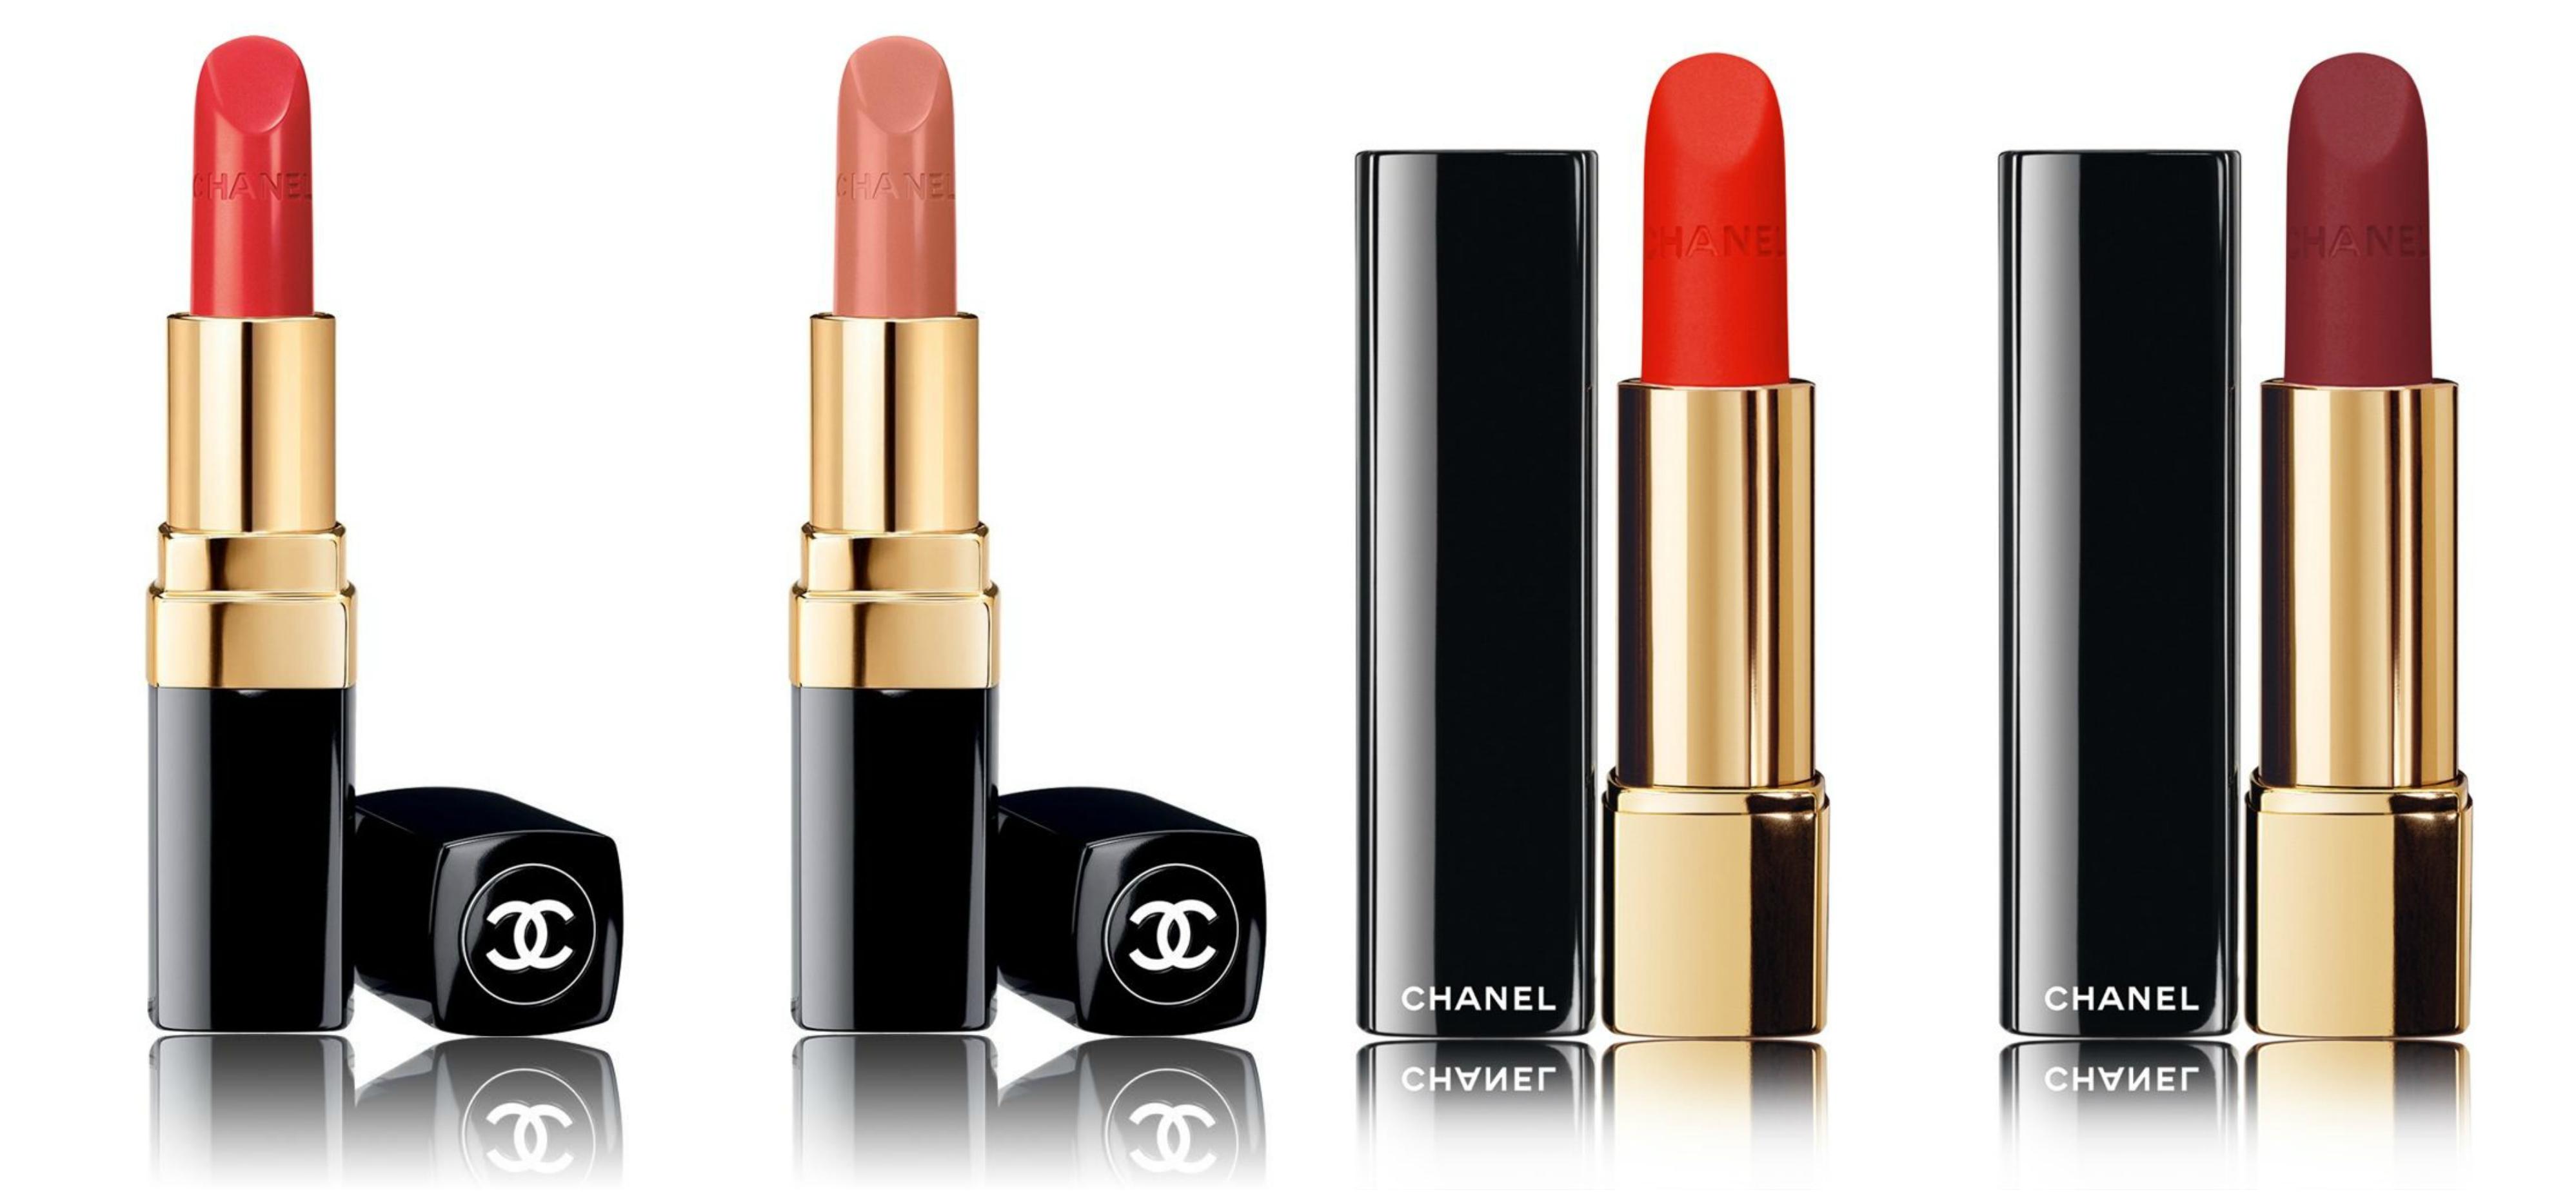 Beauty Shooting: Los colores de un viaje en la piel, cortesía de Chanel - image chanel_vanidad_5 on https://www.vanidad.es